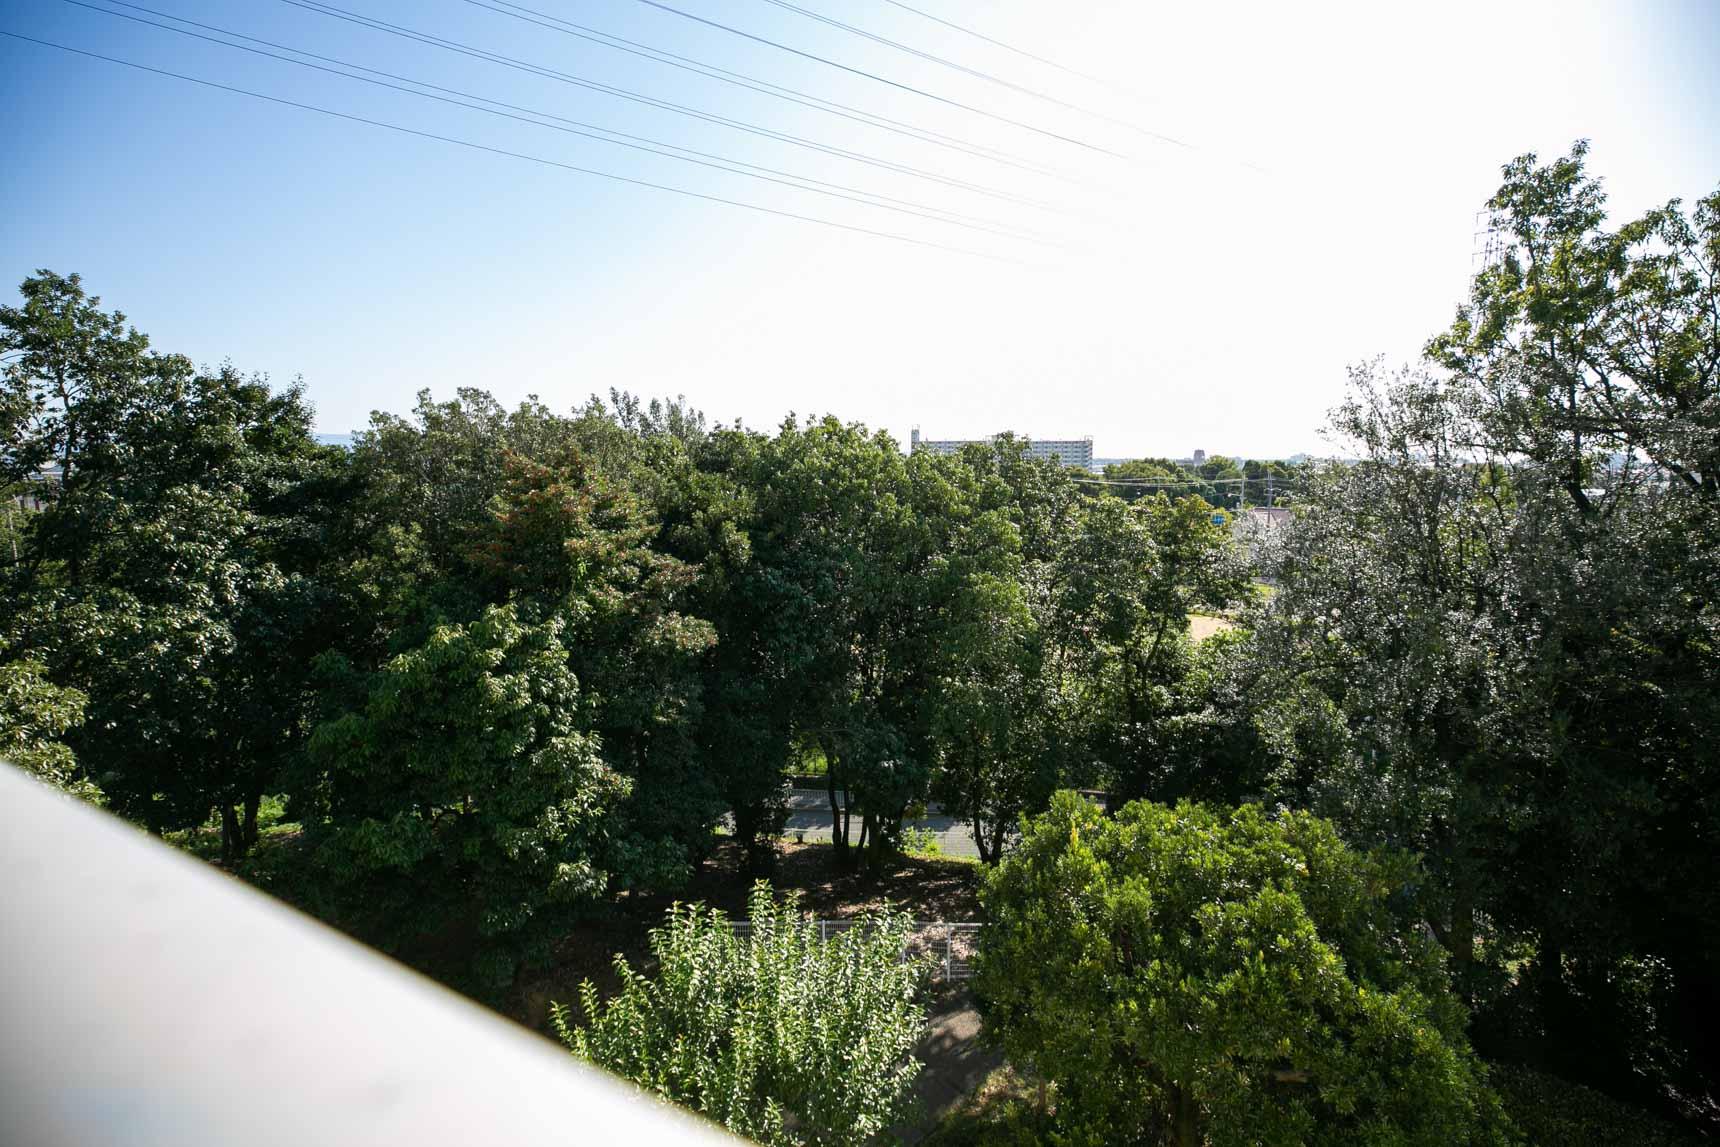 そしてこちらが南側からの眺望です。青空と緑が気持ち良い!